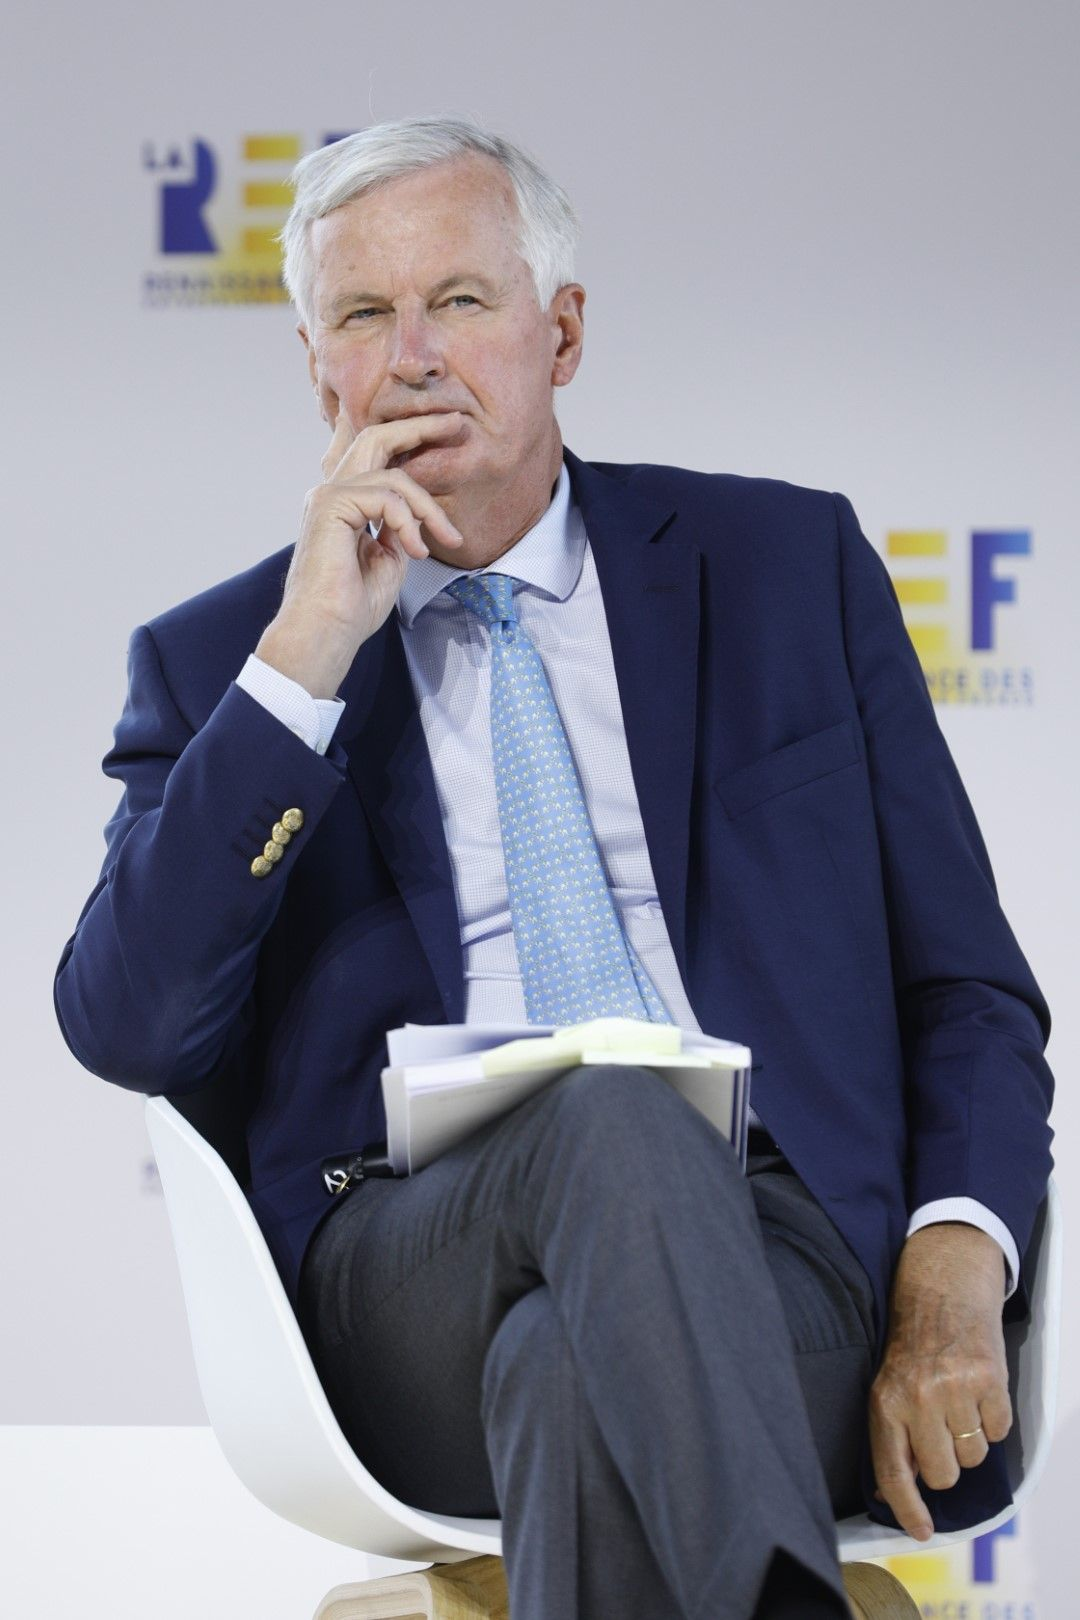 Разговорите между двете страни вървят трудно, заяви Мишел Барние и опроверга твърденията, че ще напусне поста си